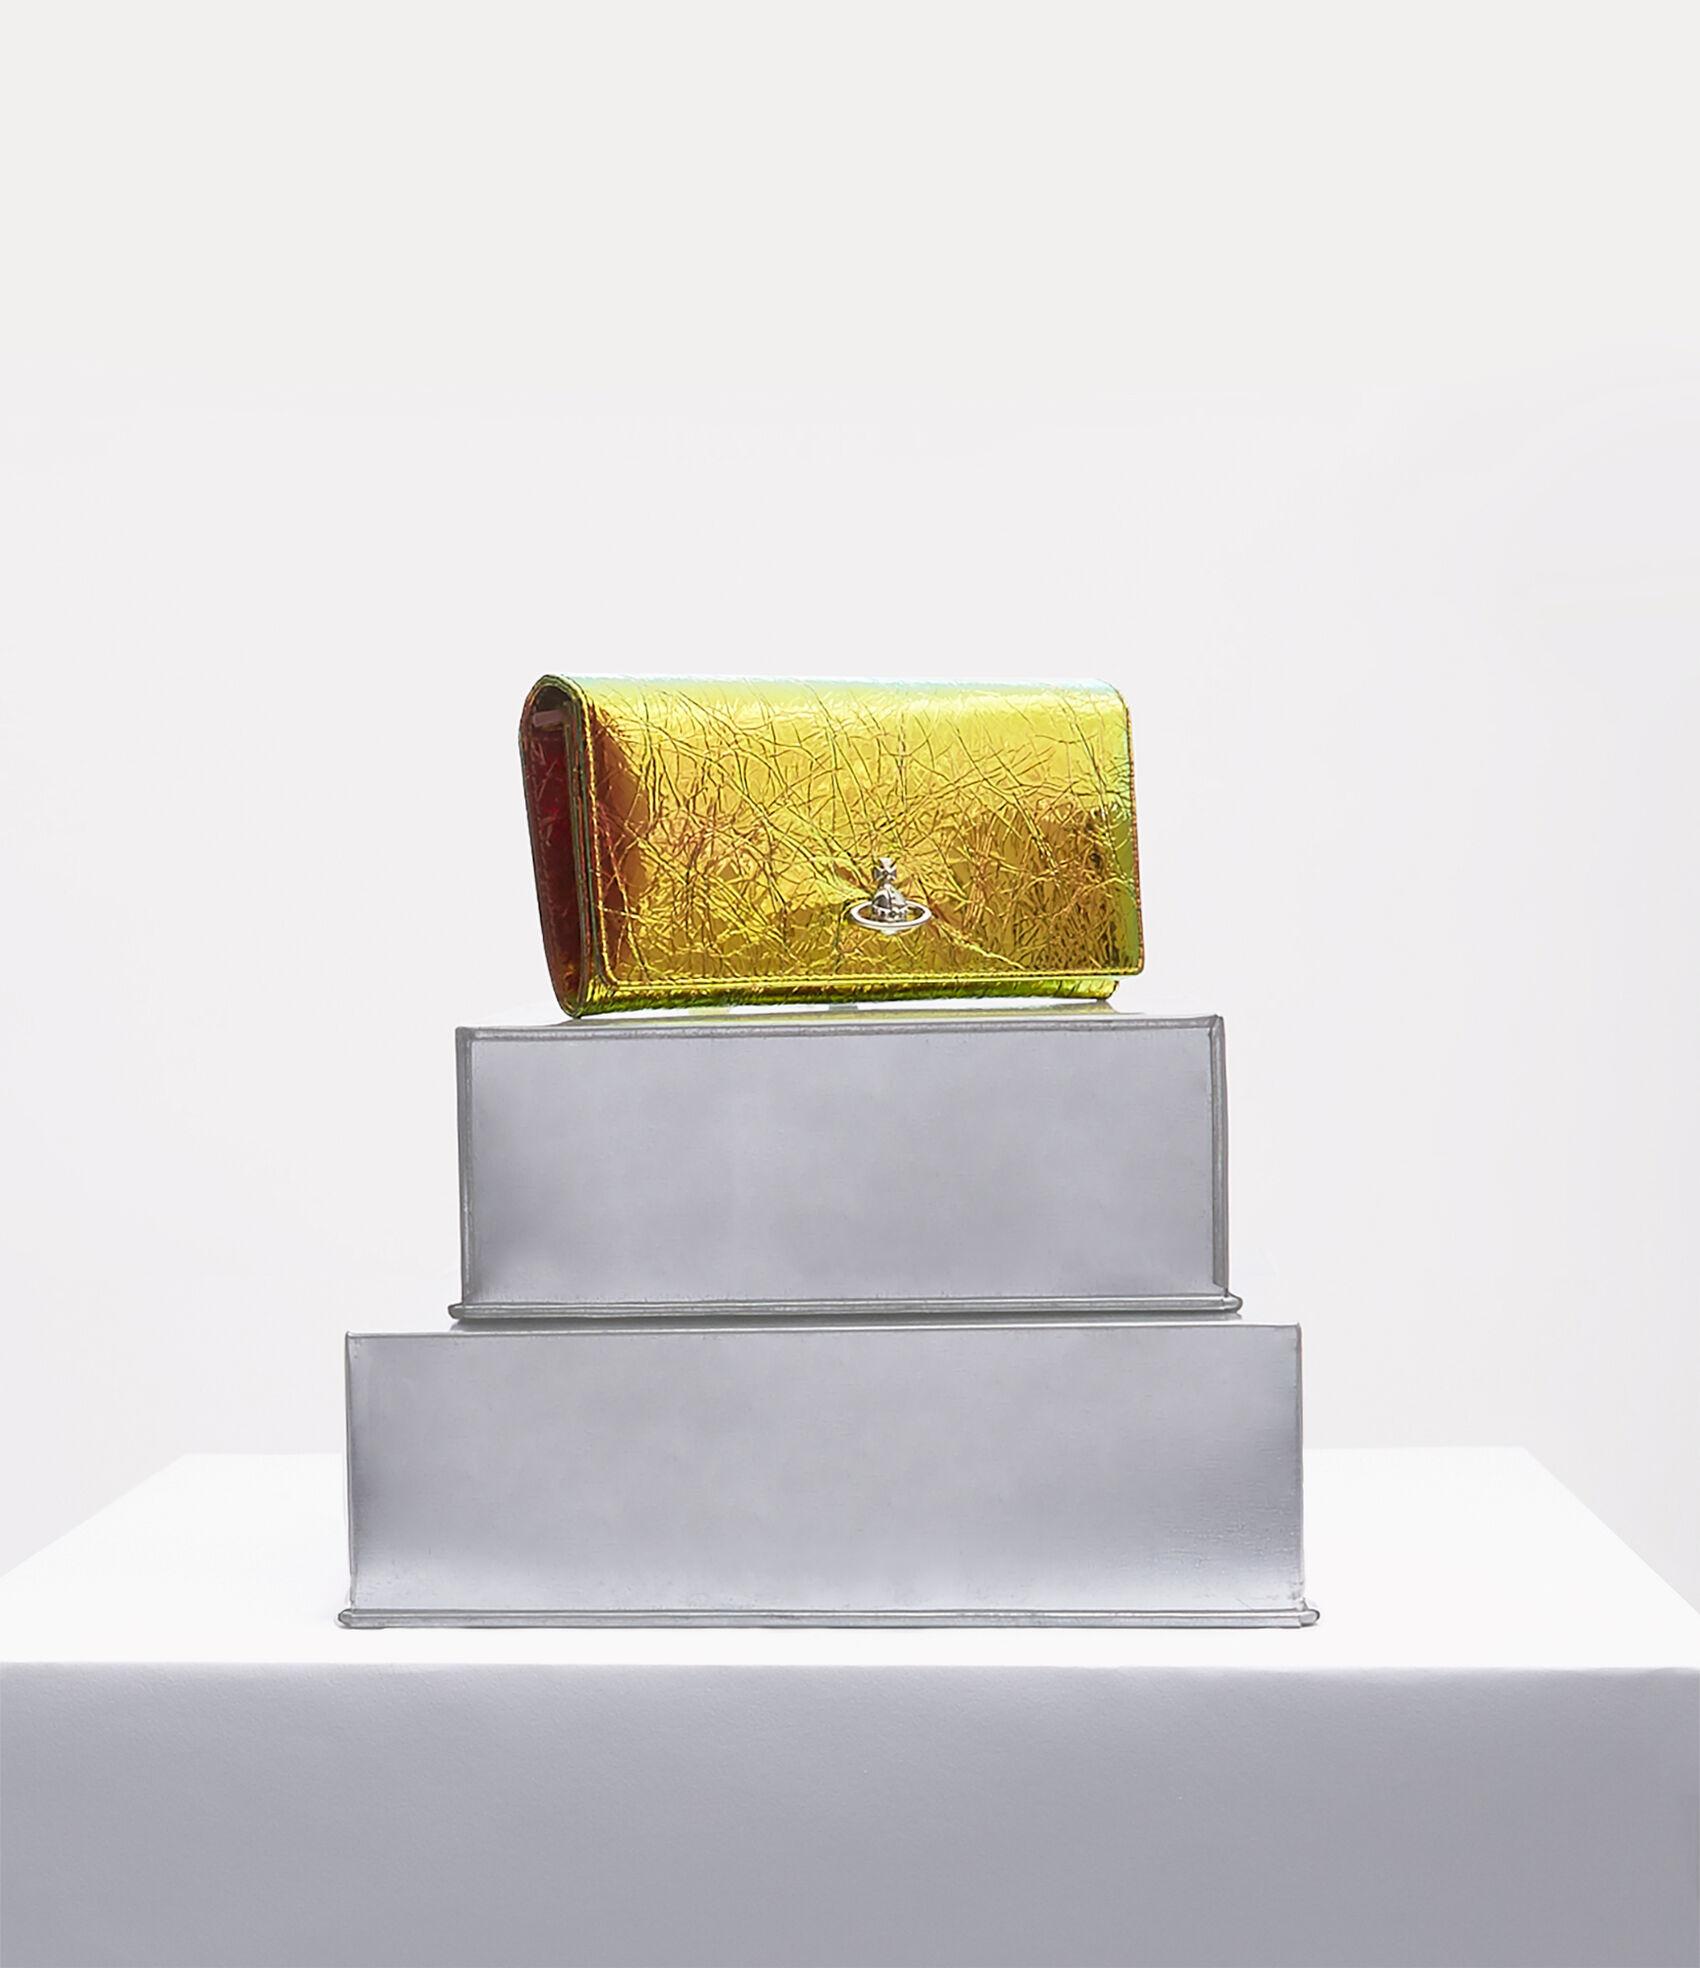 99fc2dac8 Vivienne Westwood Women's Designer Wallets and Purses | Vivienne ...